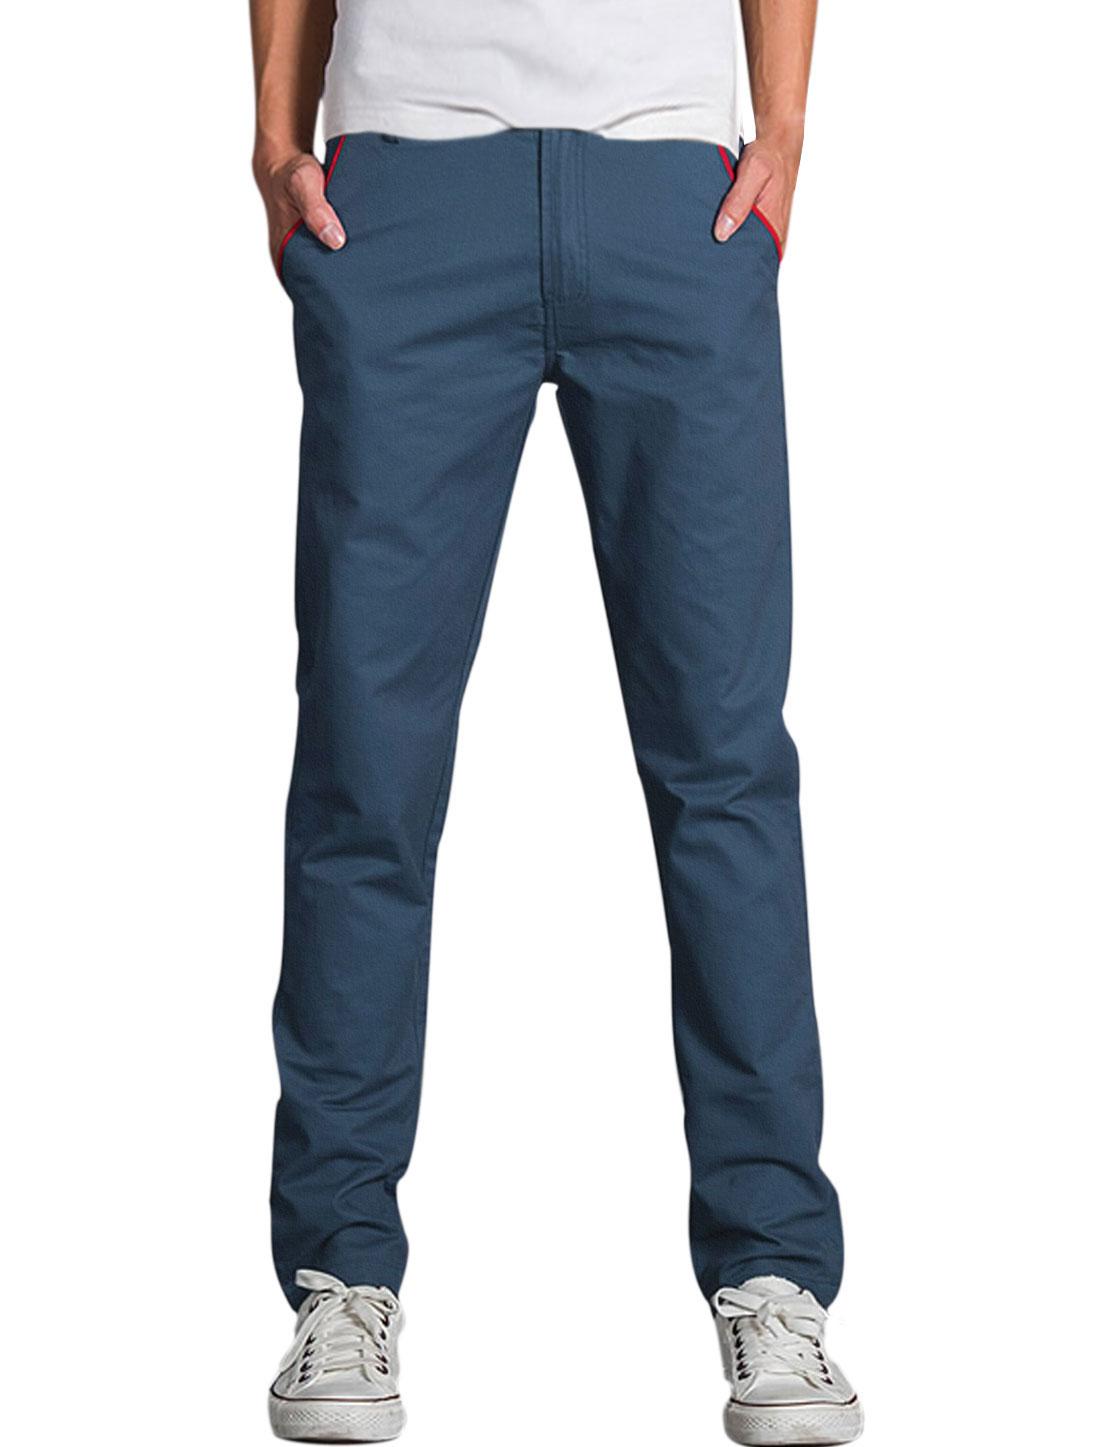 Men Mid Rise Zipper Contrast Color Casual Pants Navy Blue W38